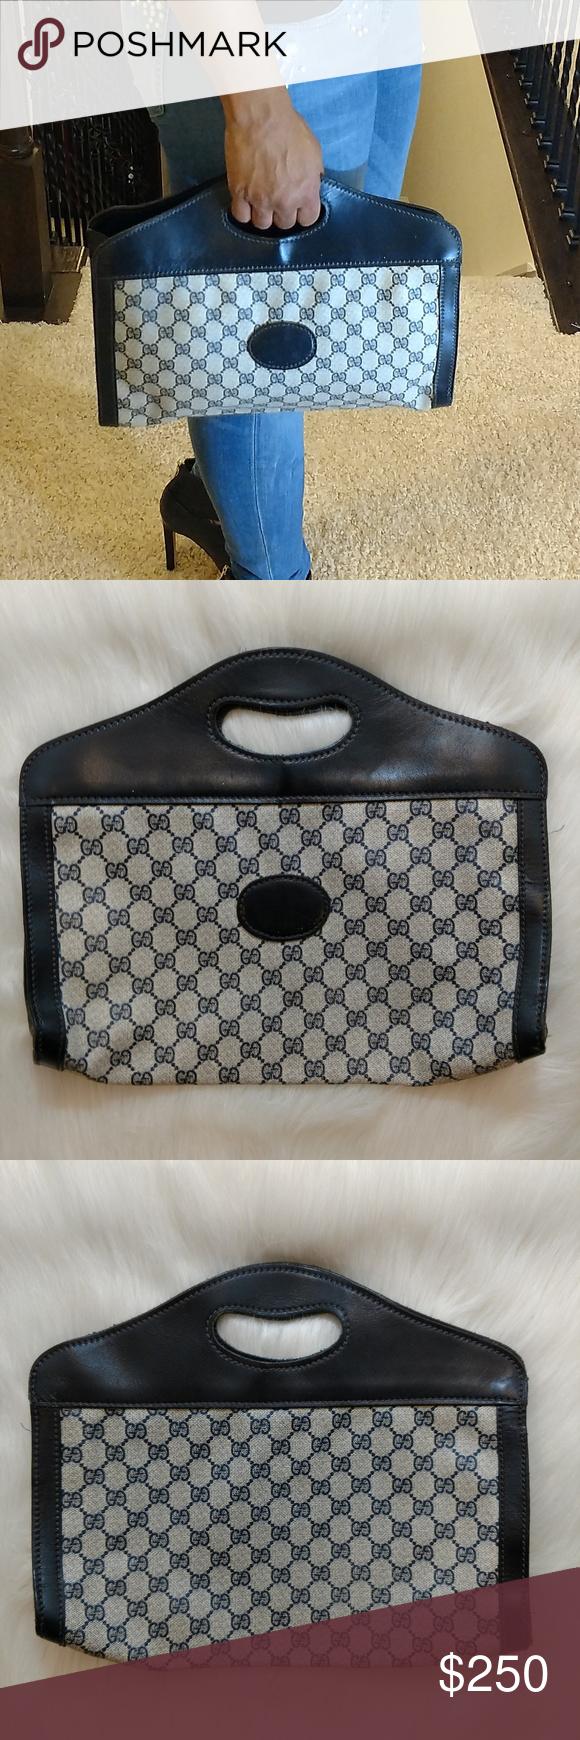 15565ccddaa Autentic Navy Blue Vintage Gucci Handbag Purse This authentic Vintage Gucci  handbag is great condition.